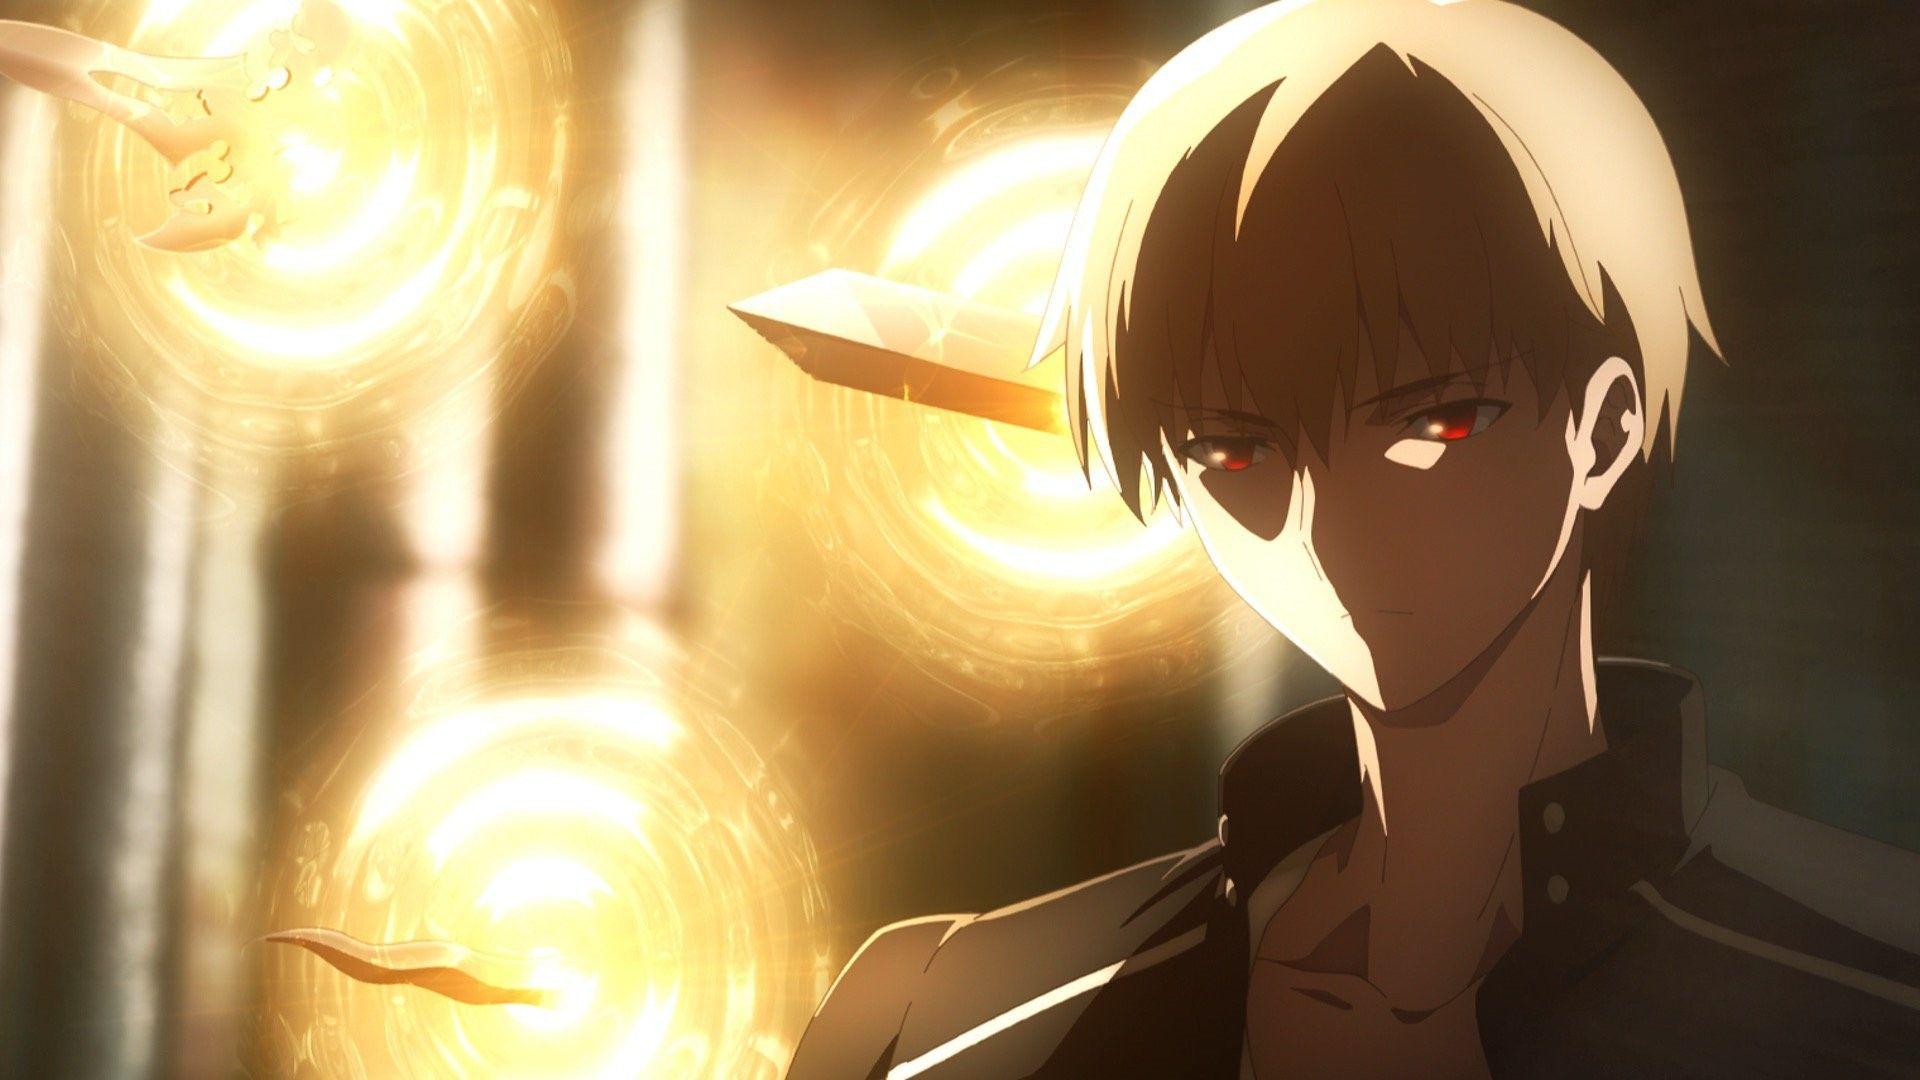 gilgamesh Fate anime series, Anime, Gilgamesh fate